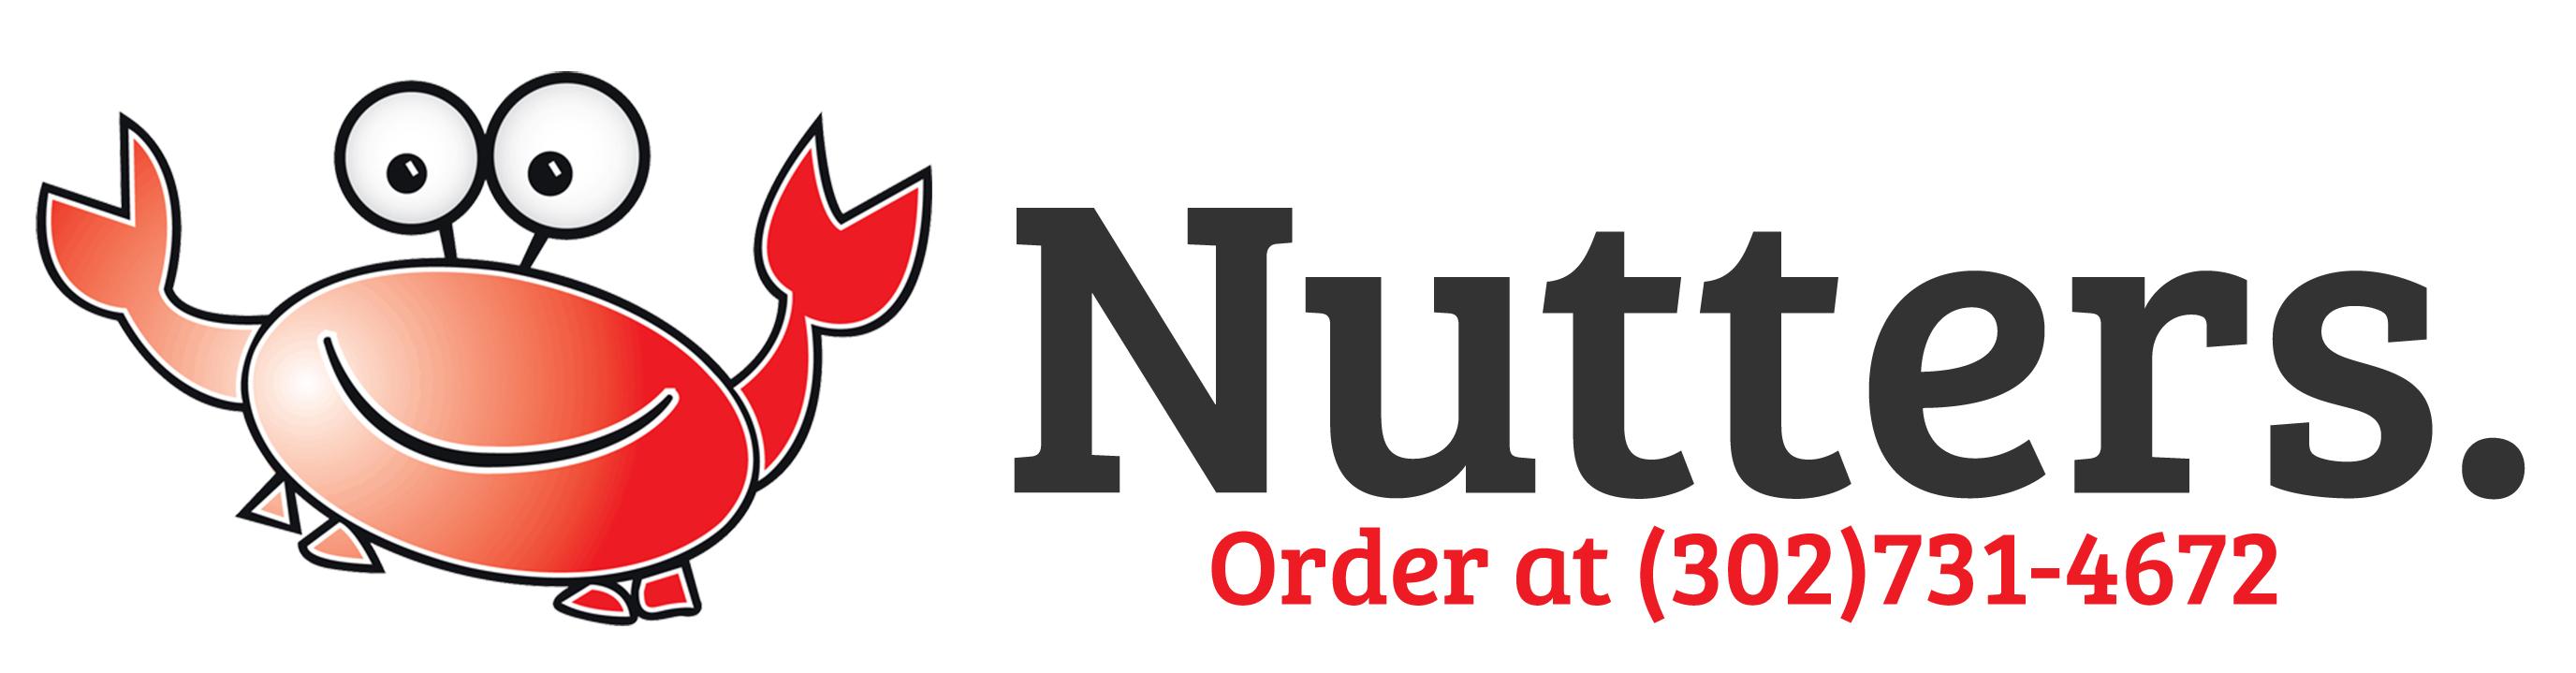 Nutter's Sandwich Shoppe